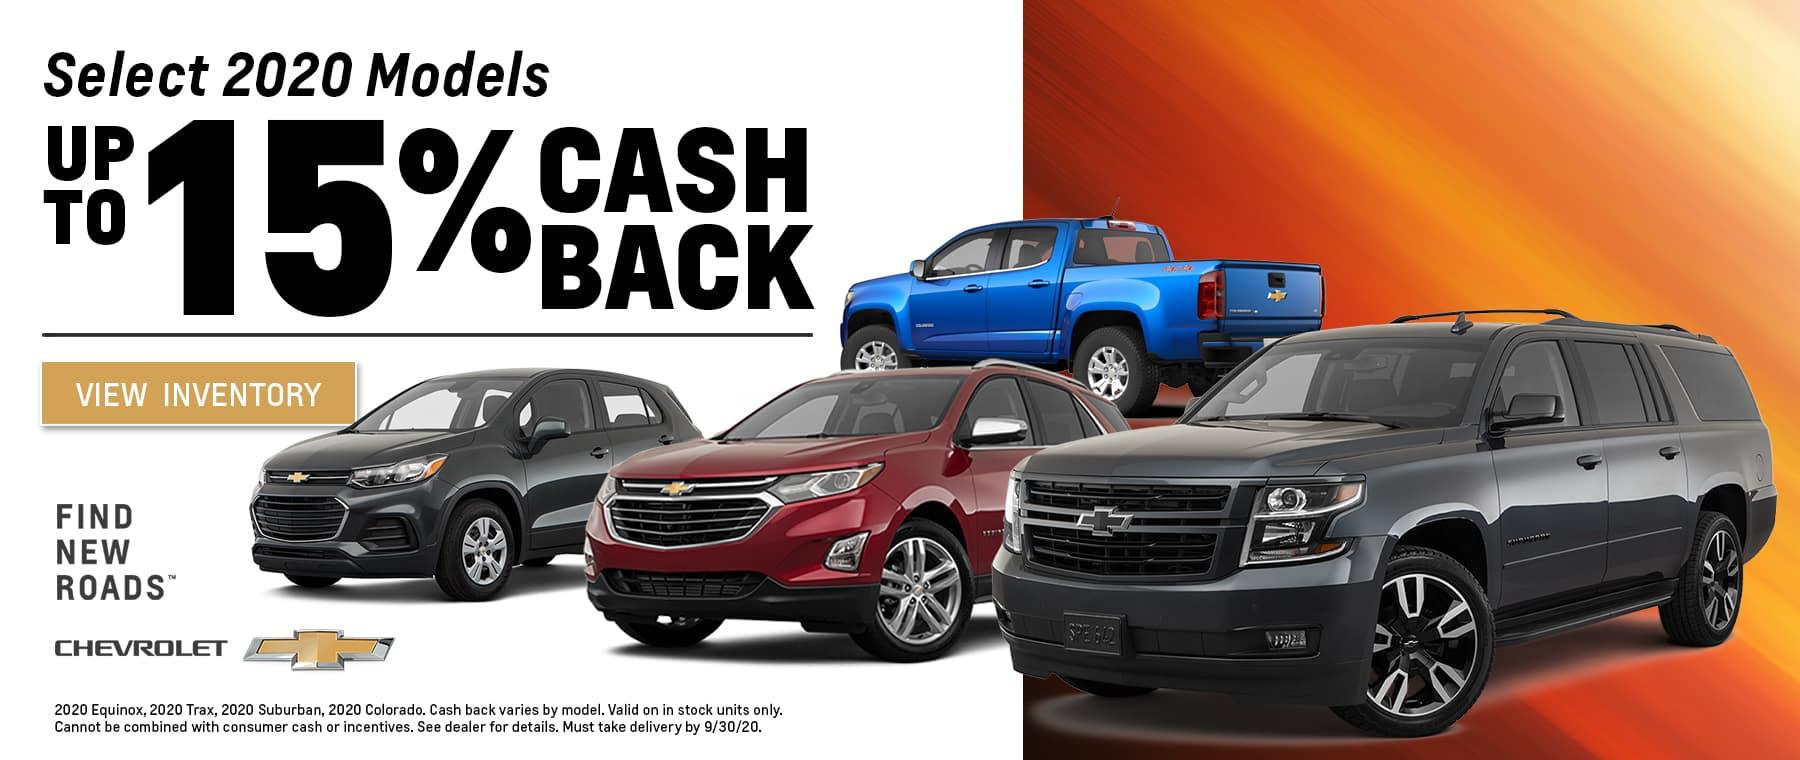 RH-Chevrolet-Naples-Sept20_TR_Banners-models-1800×760 (1)